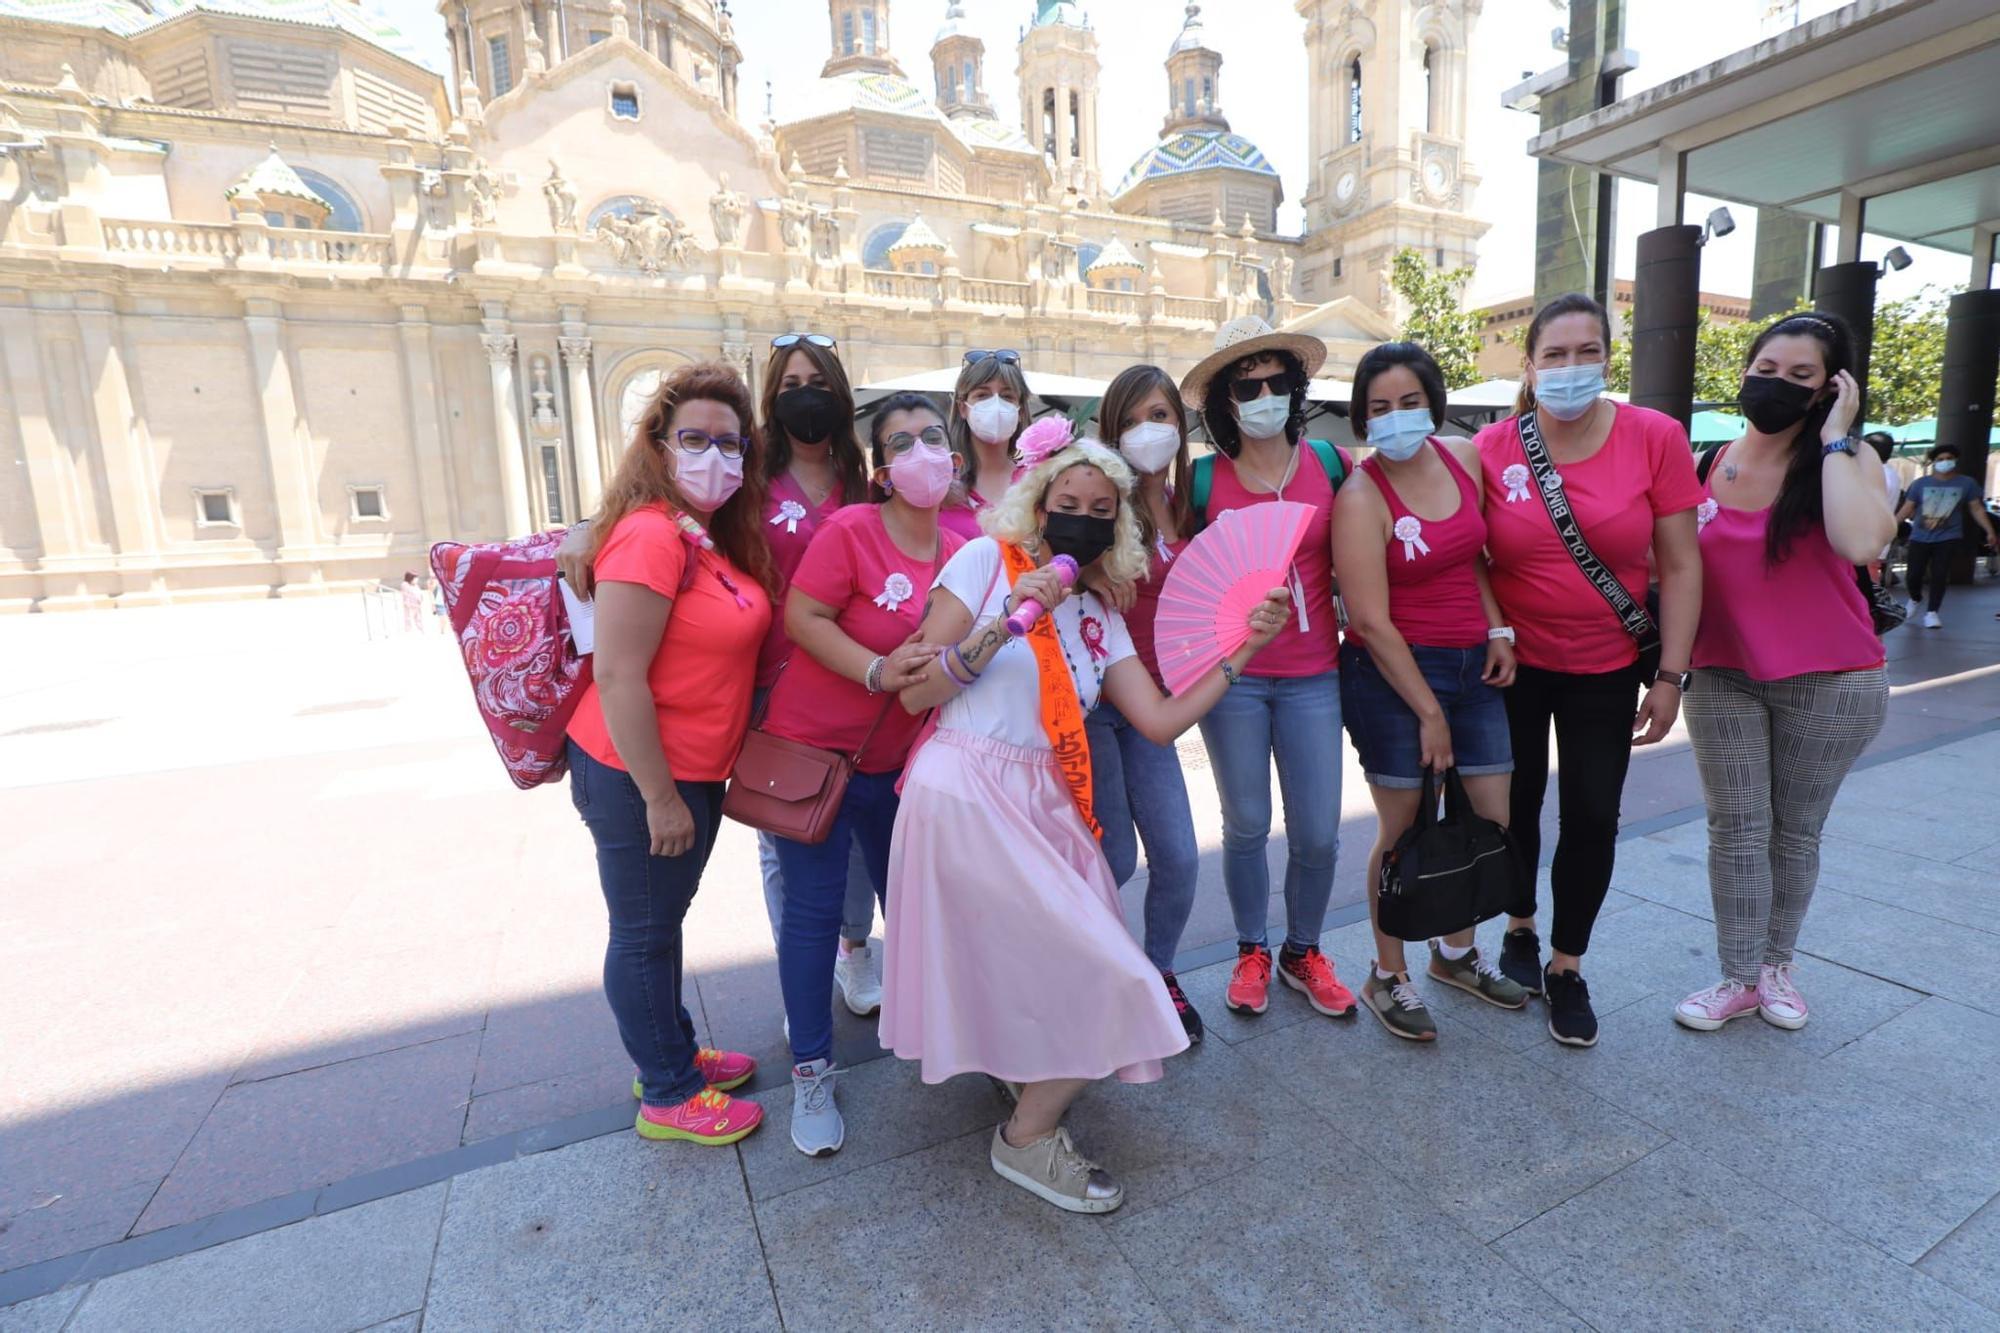 El Pilar recupera la alegría, el calor y el turismo